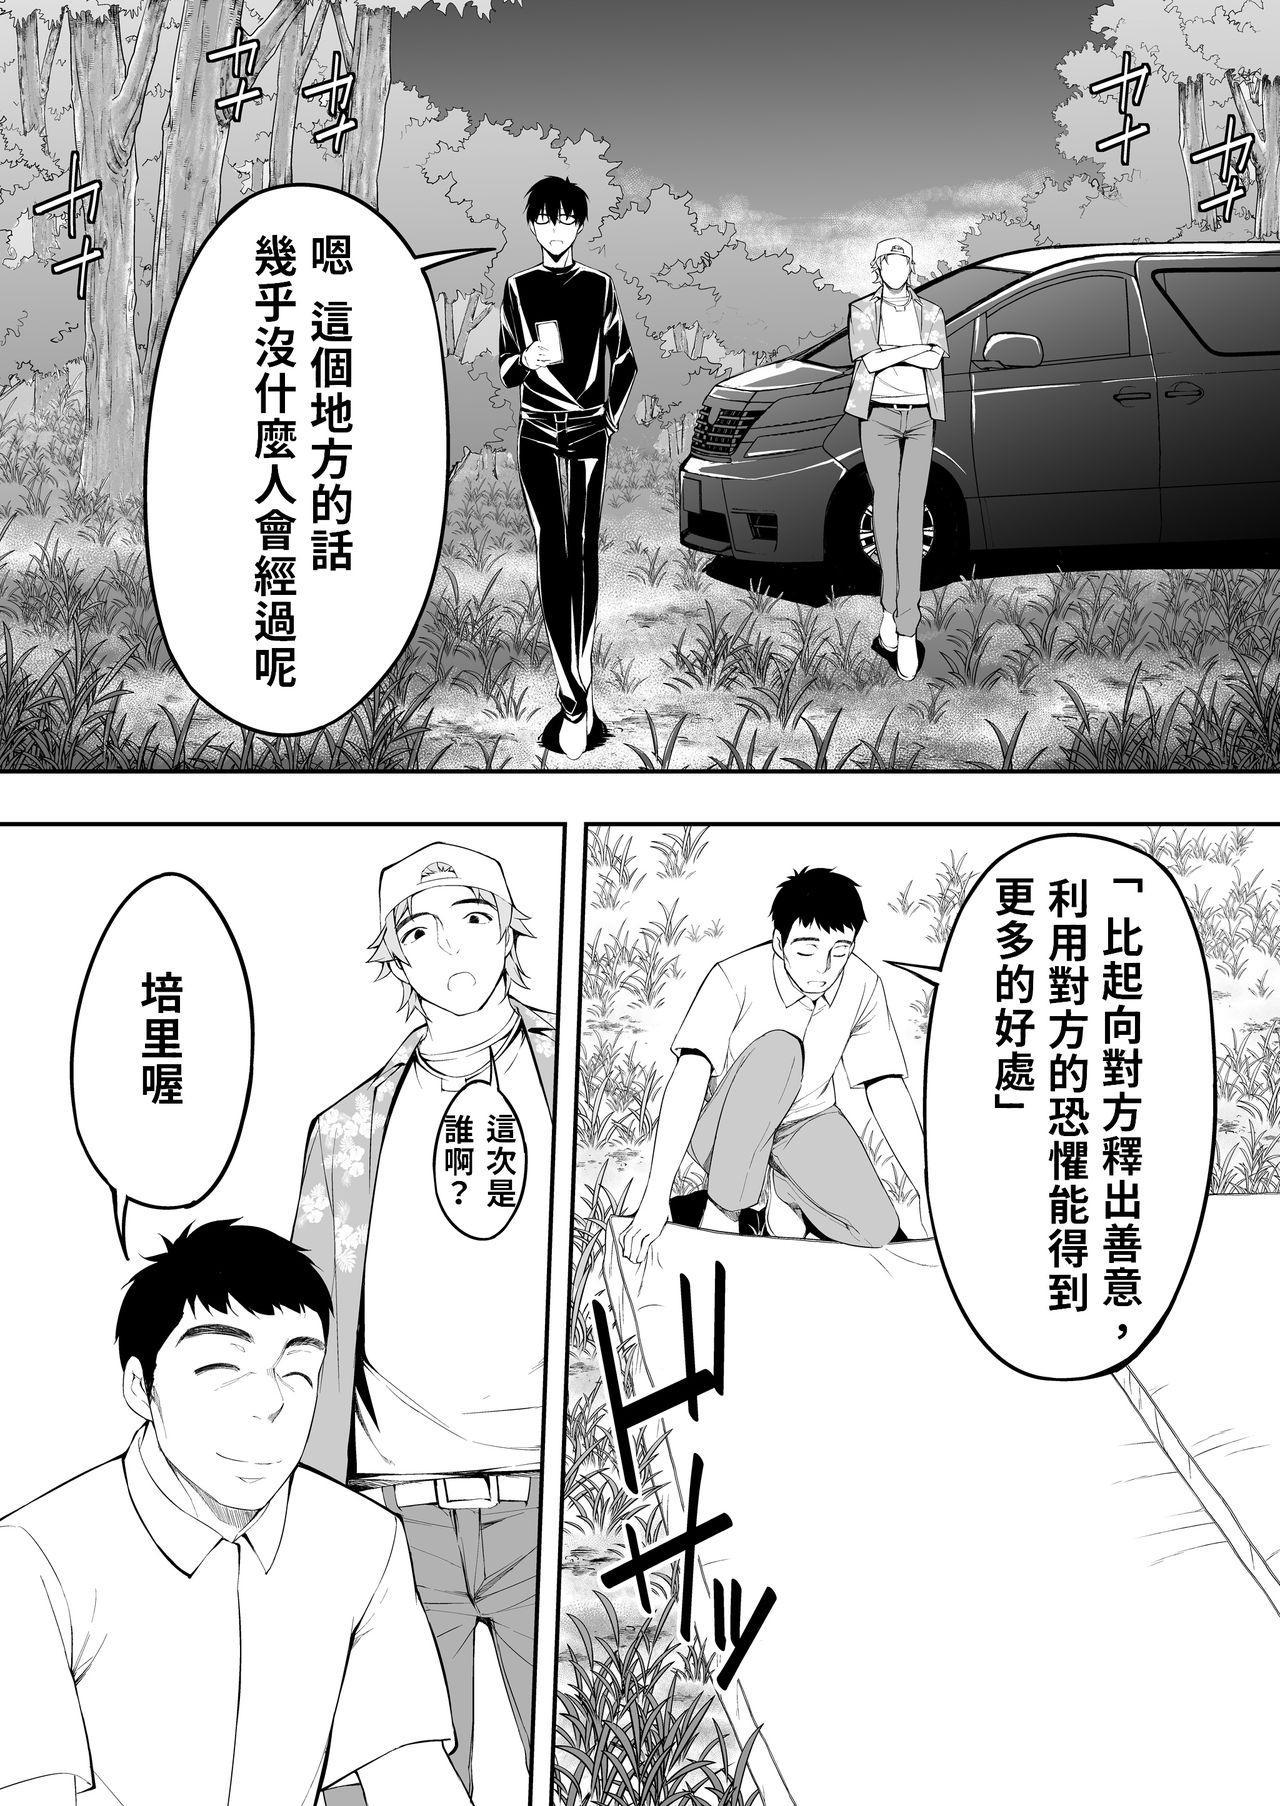 Panpan Travelers Hakata Shuudan Rape Ryokou | 吃飯兼炒飯TRAVELERS~博多集團強●旅行 54